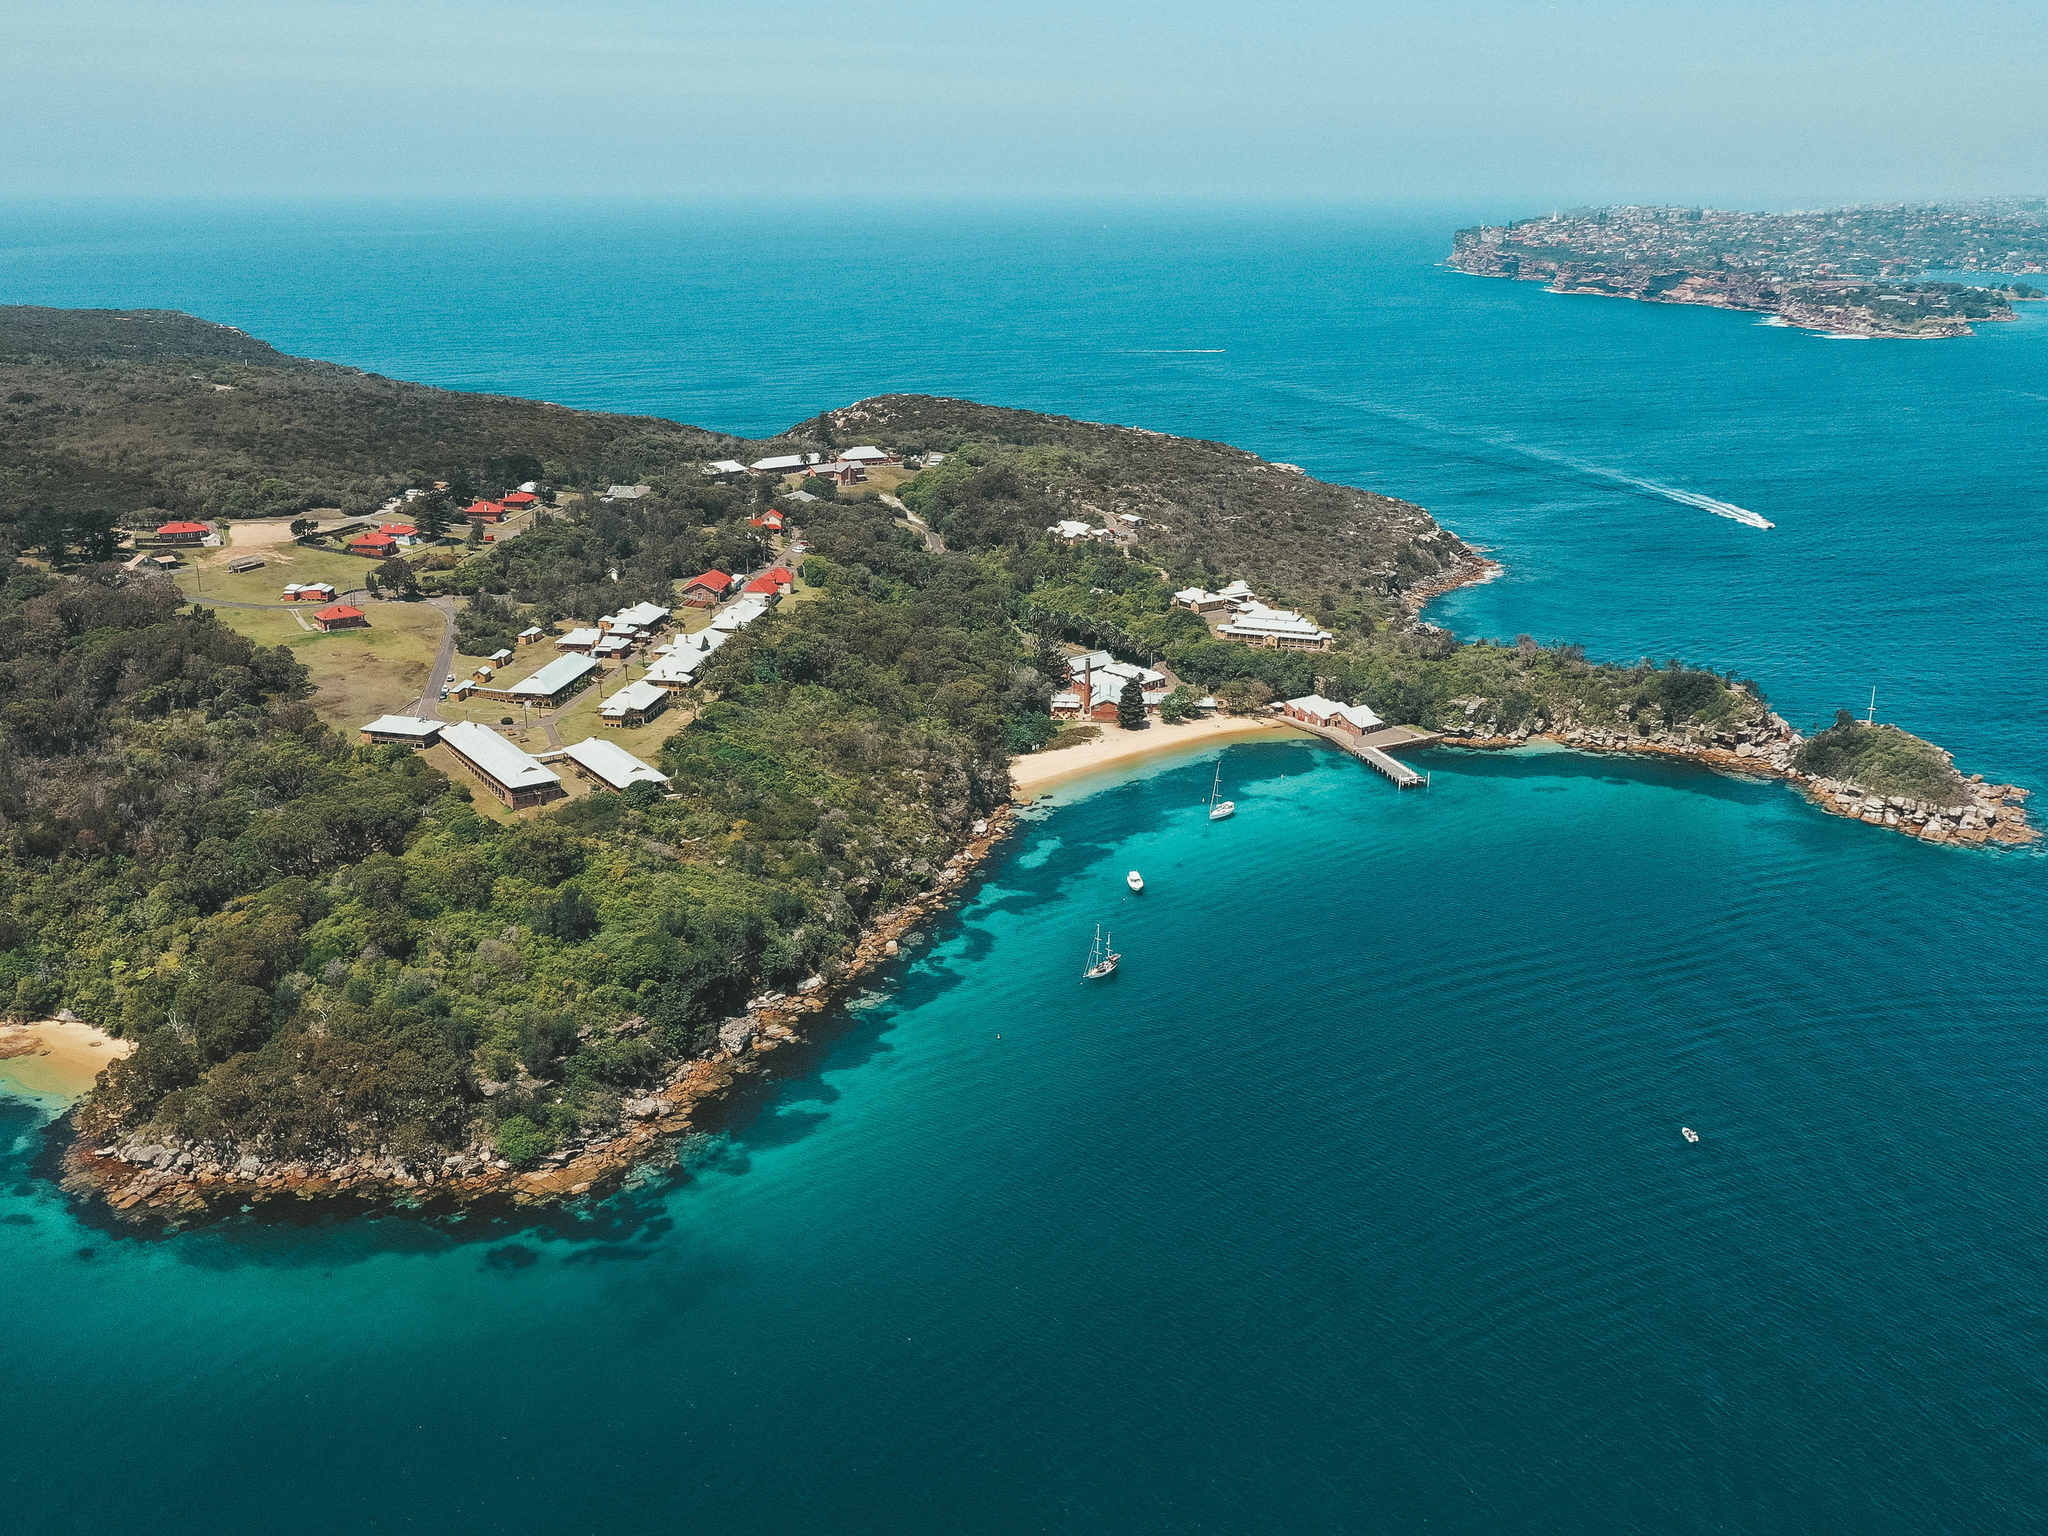 Hôtel - Q Station Sydney Harbour National Park